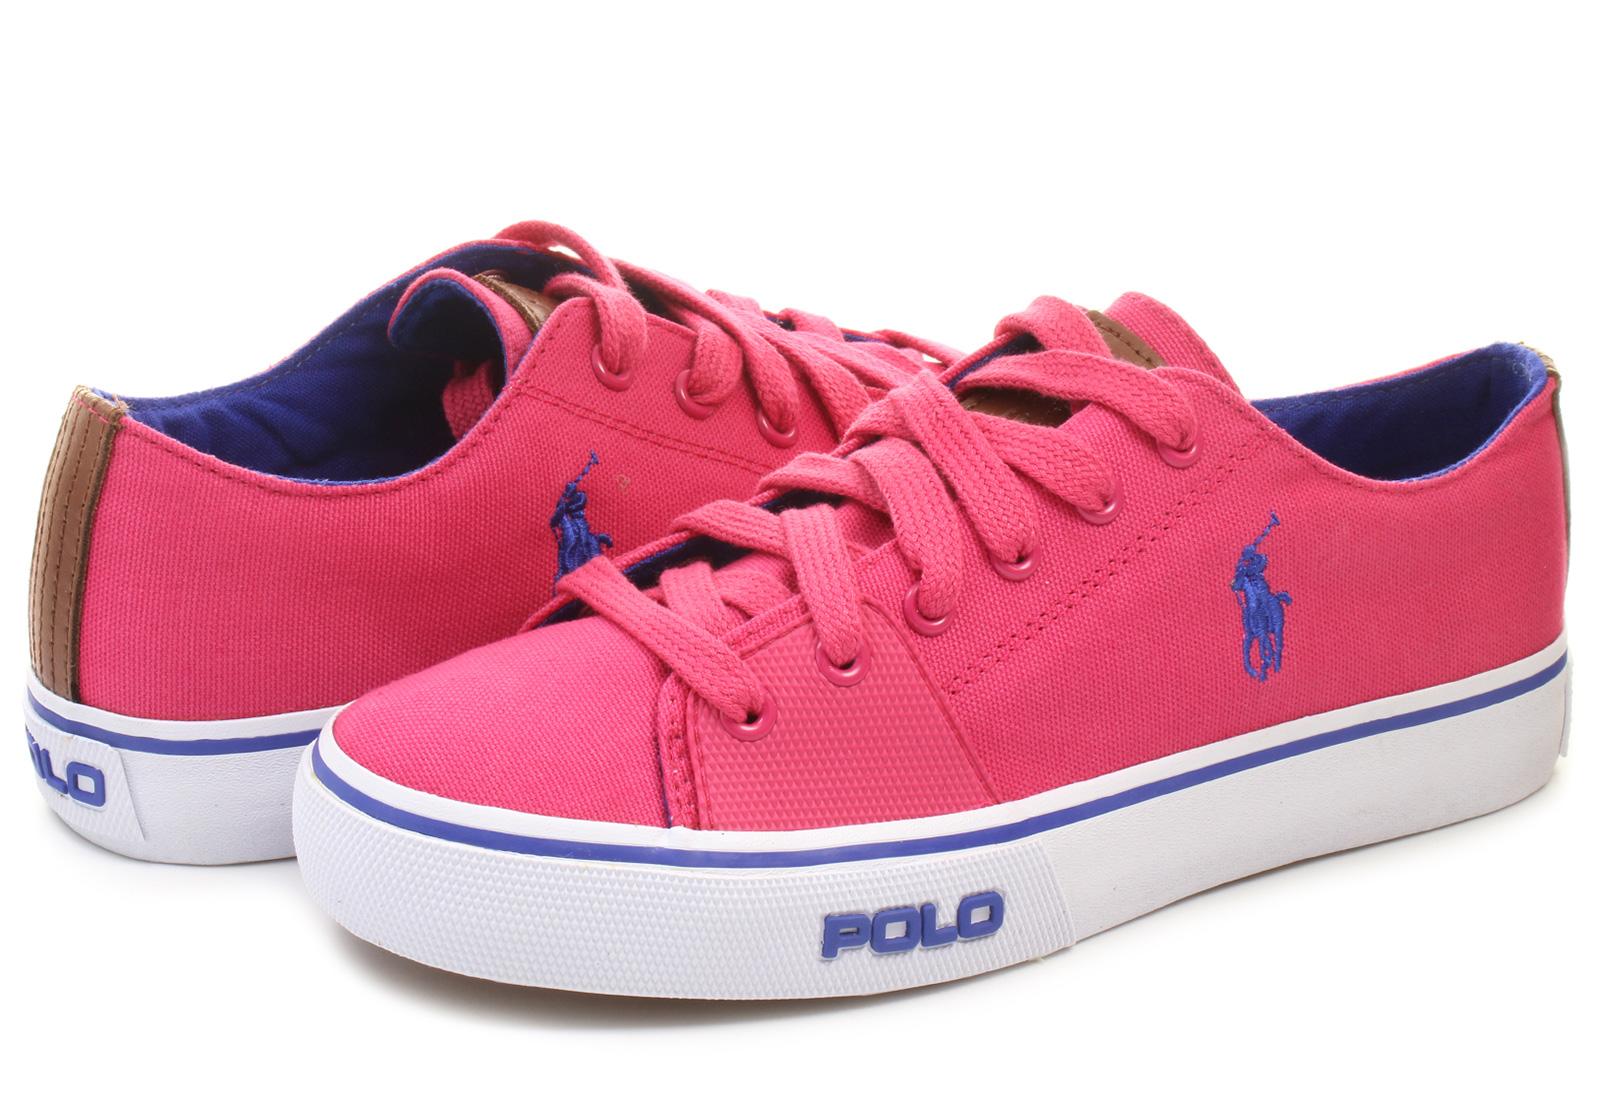 Shoes - Polo Ralph Lauren - Ralph Lauren UK